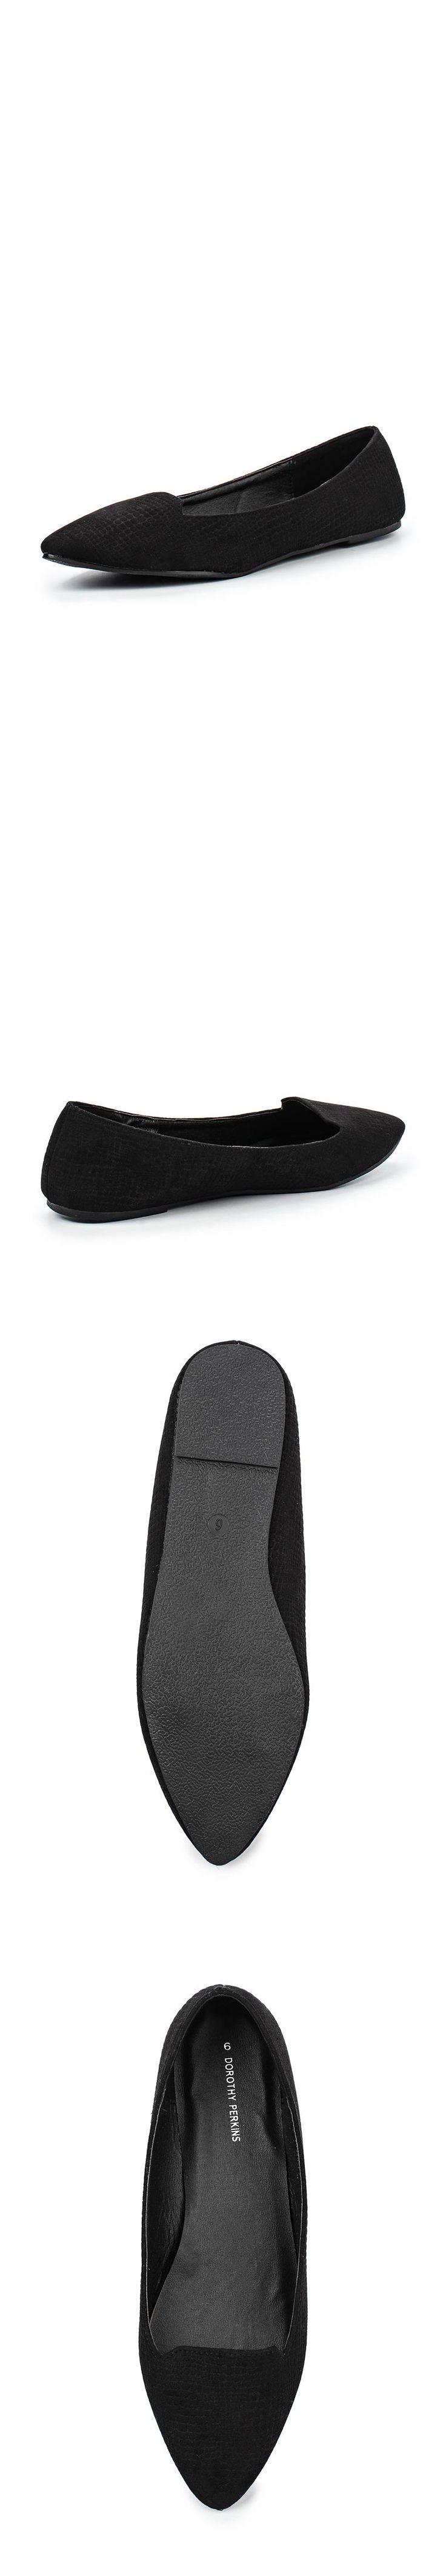 Женская обувь балетки Dorothy Perkins за 1430.00 руб.